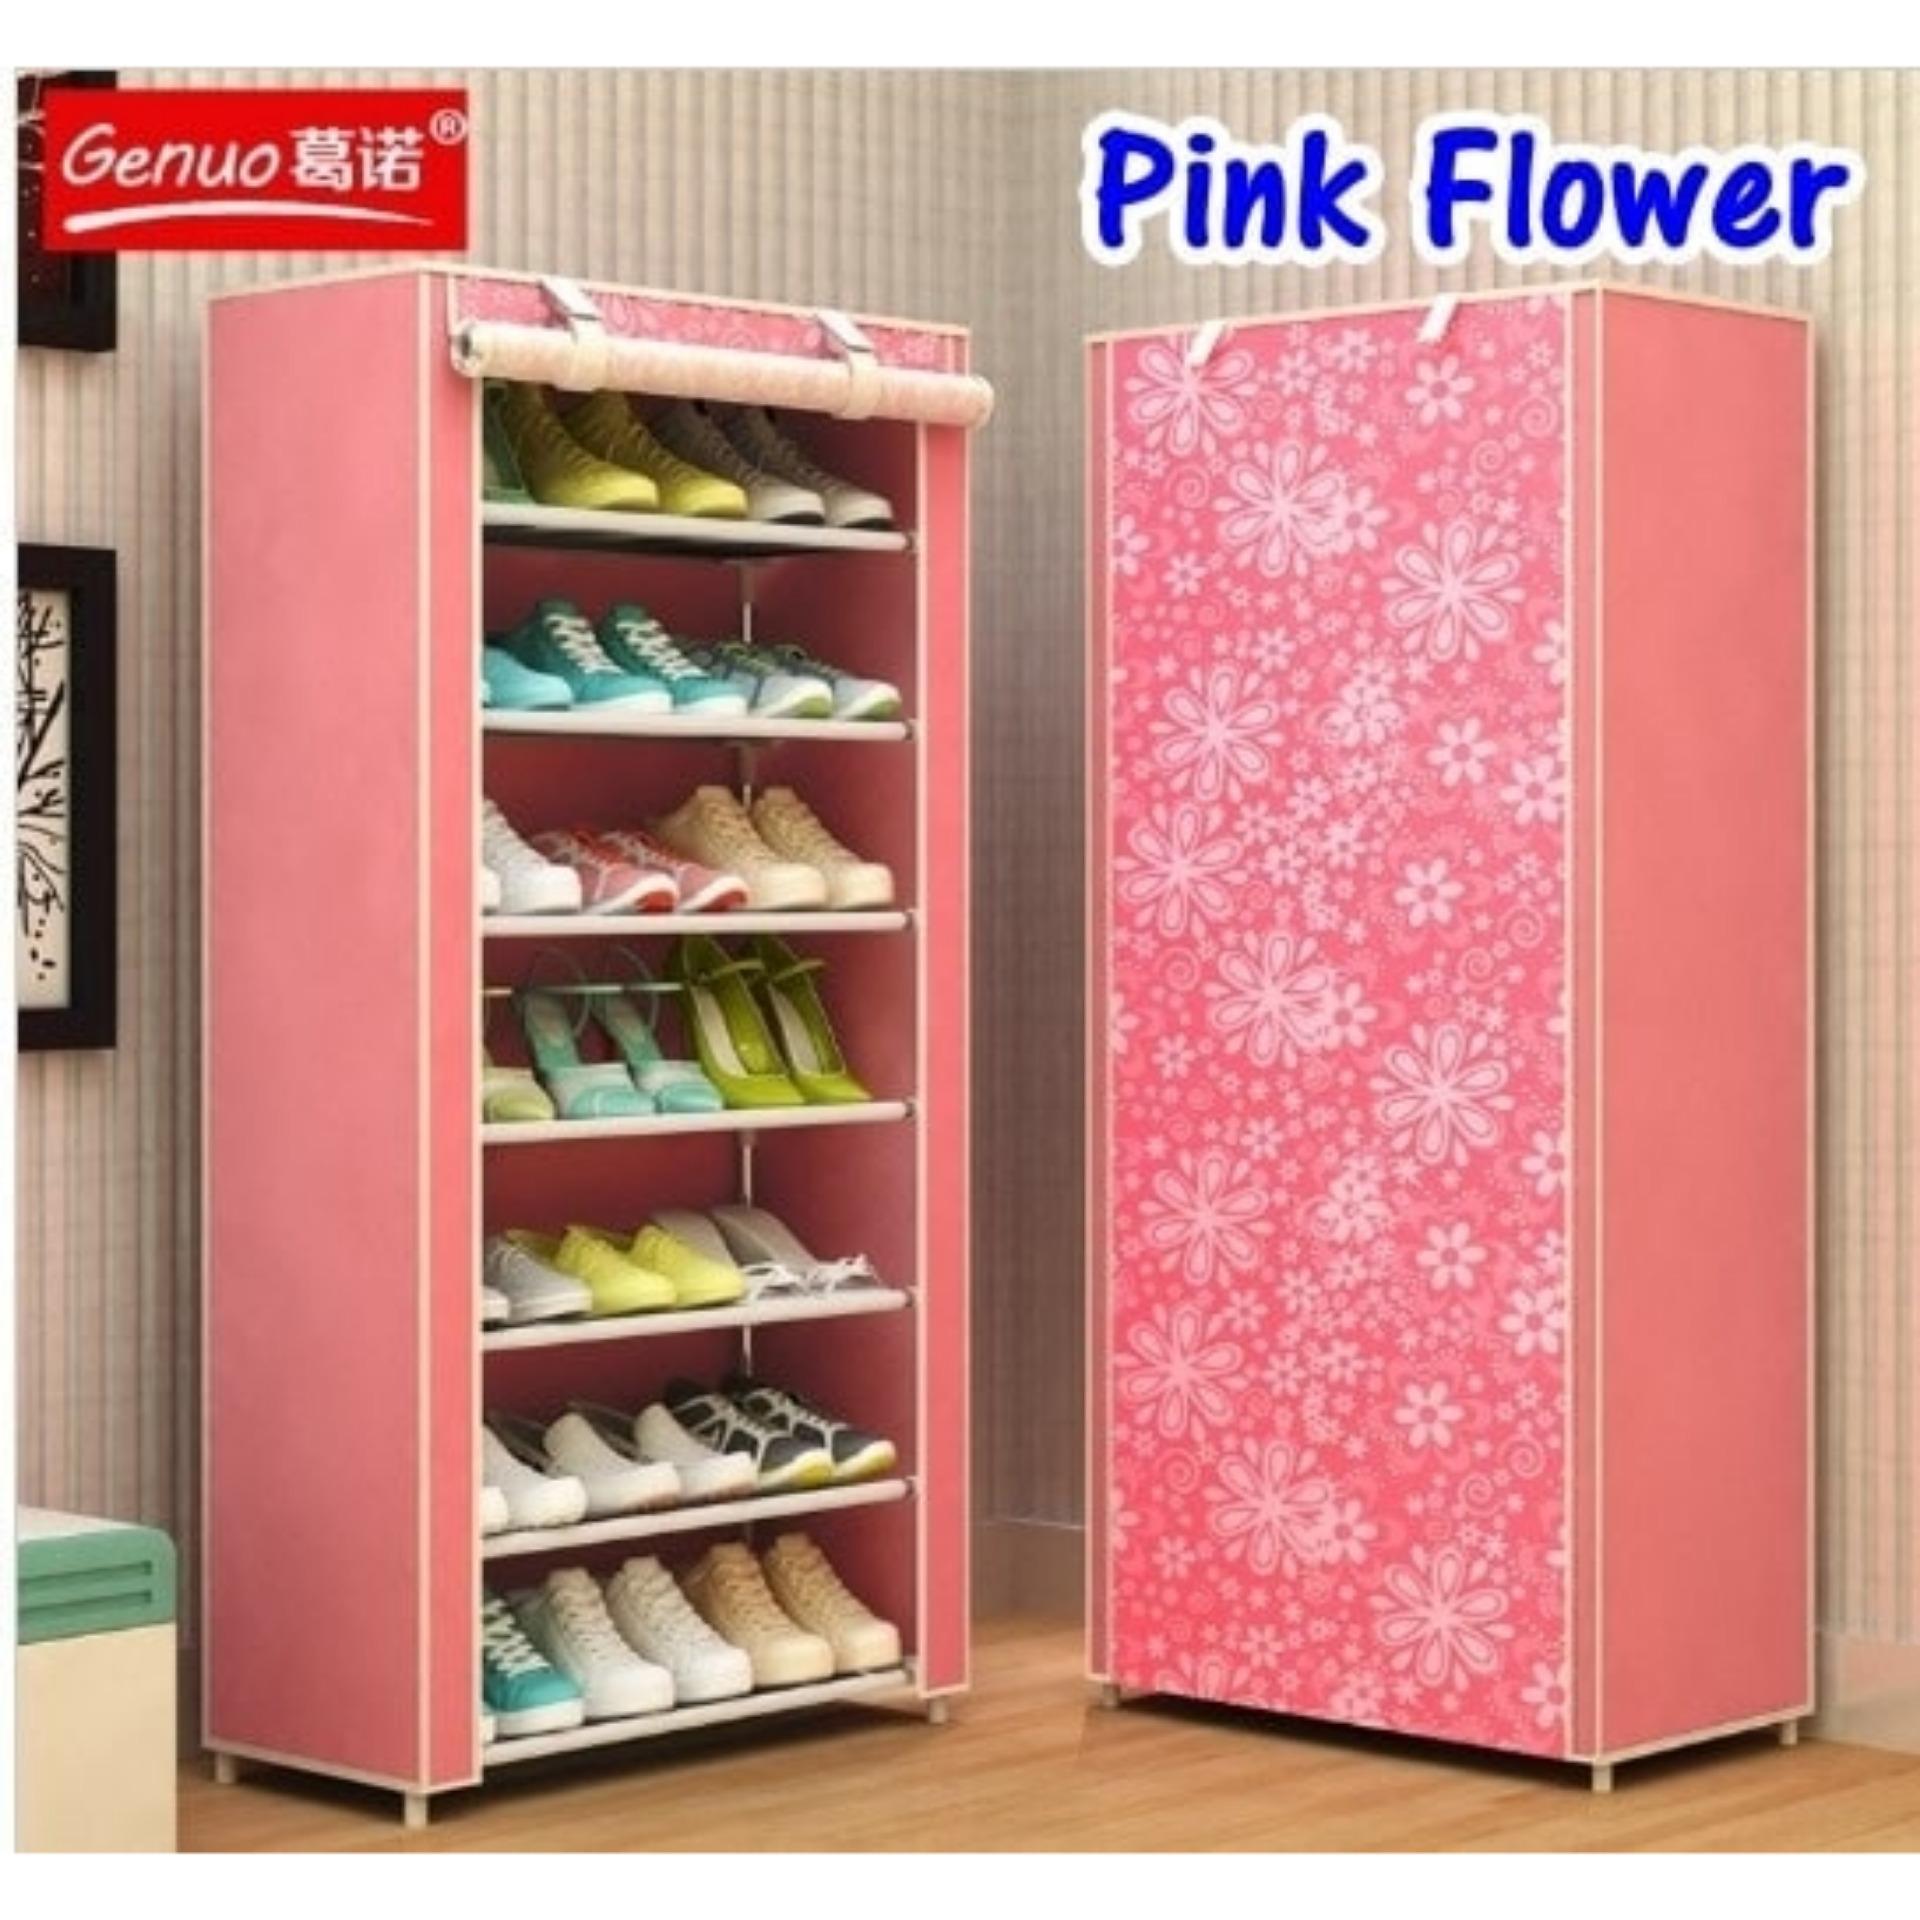 Rak sepatu keren rak plastik bertingkat lemari sandal sepatu rak sepatu bongkar  pasang rak sepatu sandal AK-8 Pink Flower 7 Tingkat